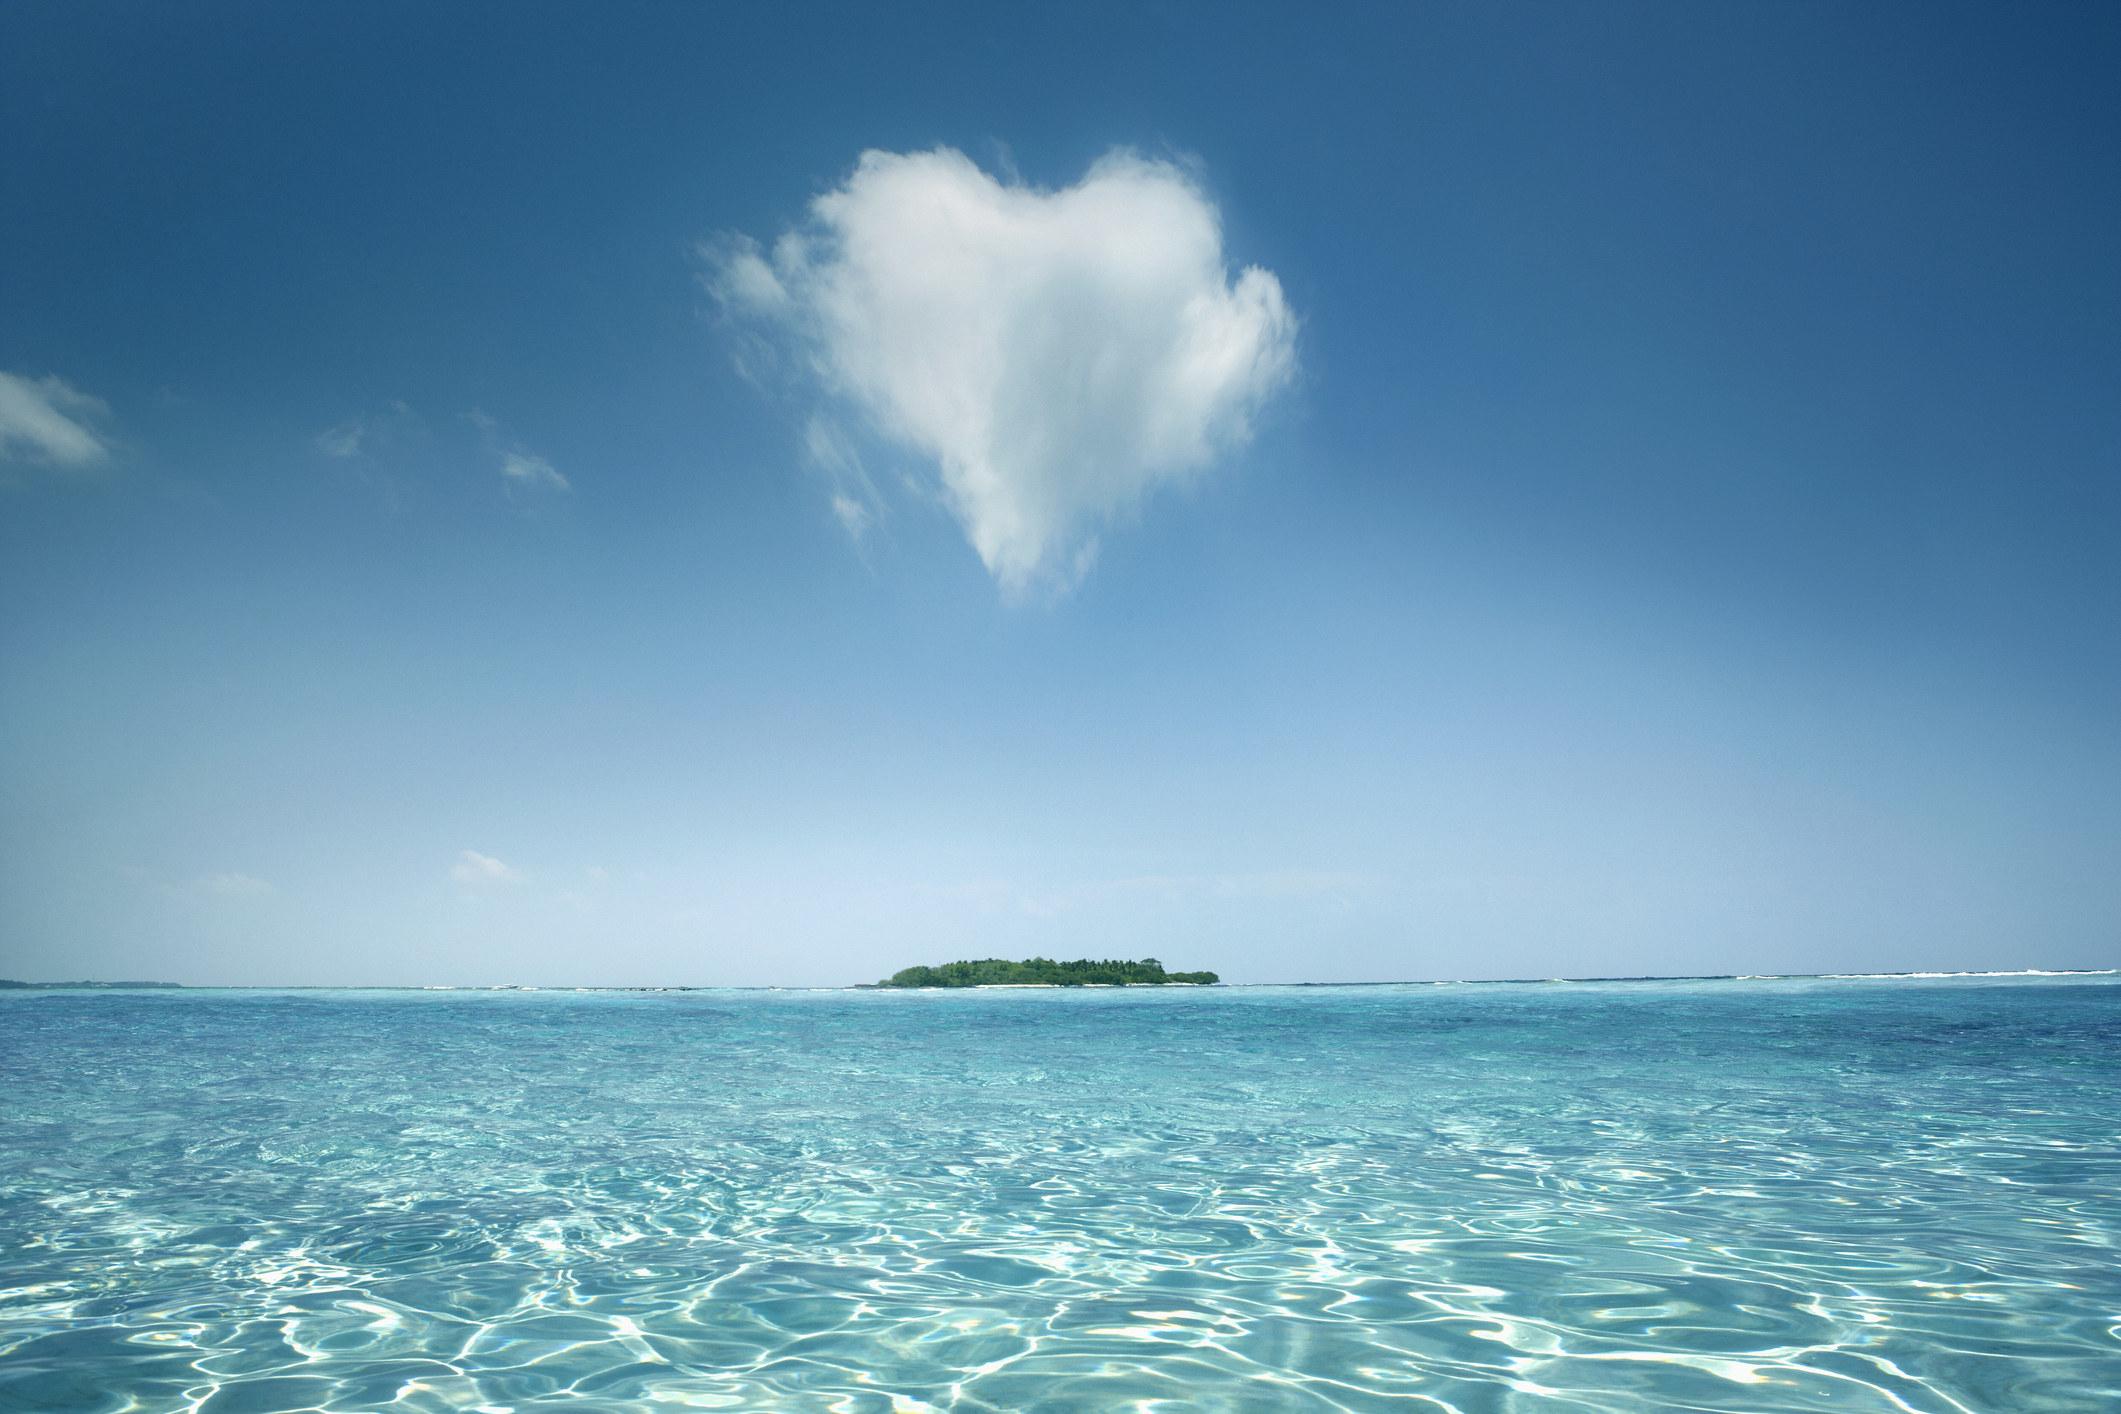 An image of a heart-shaped cloud above an ocean